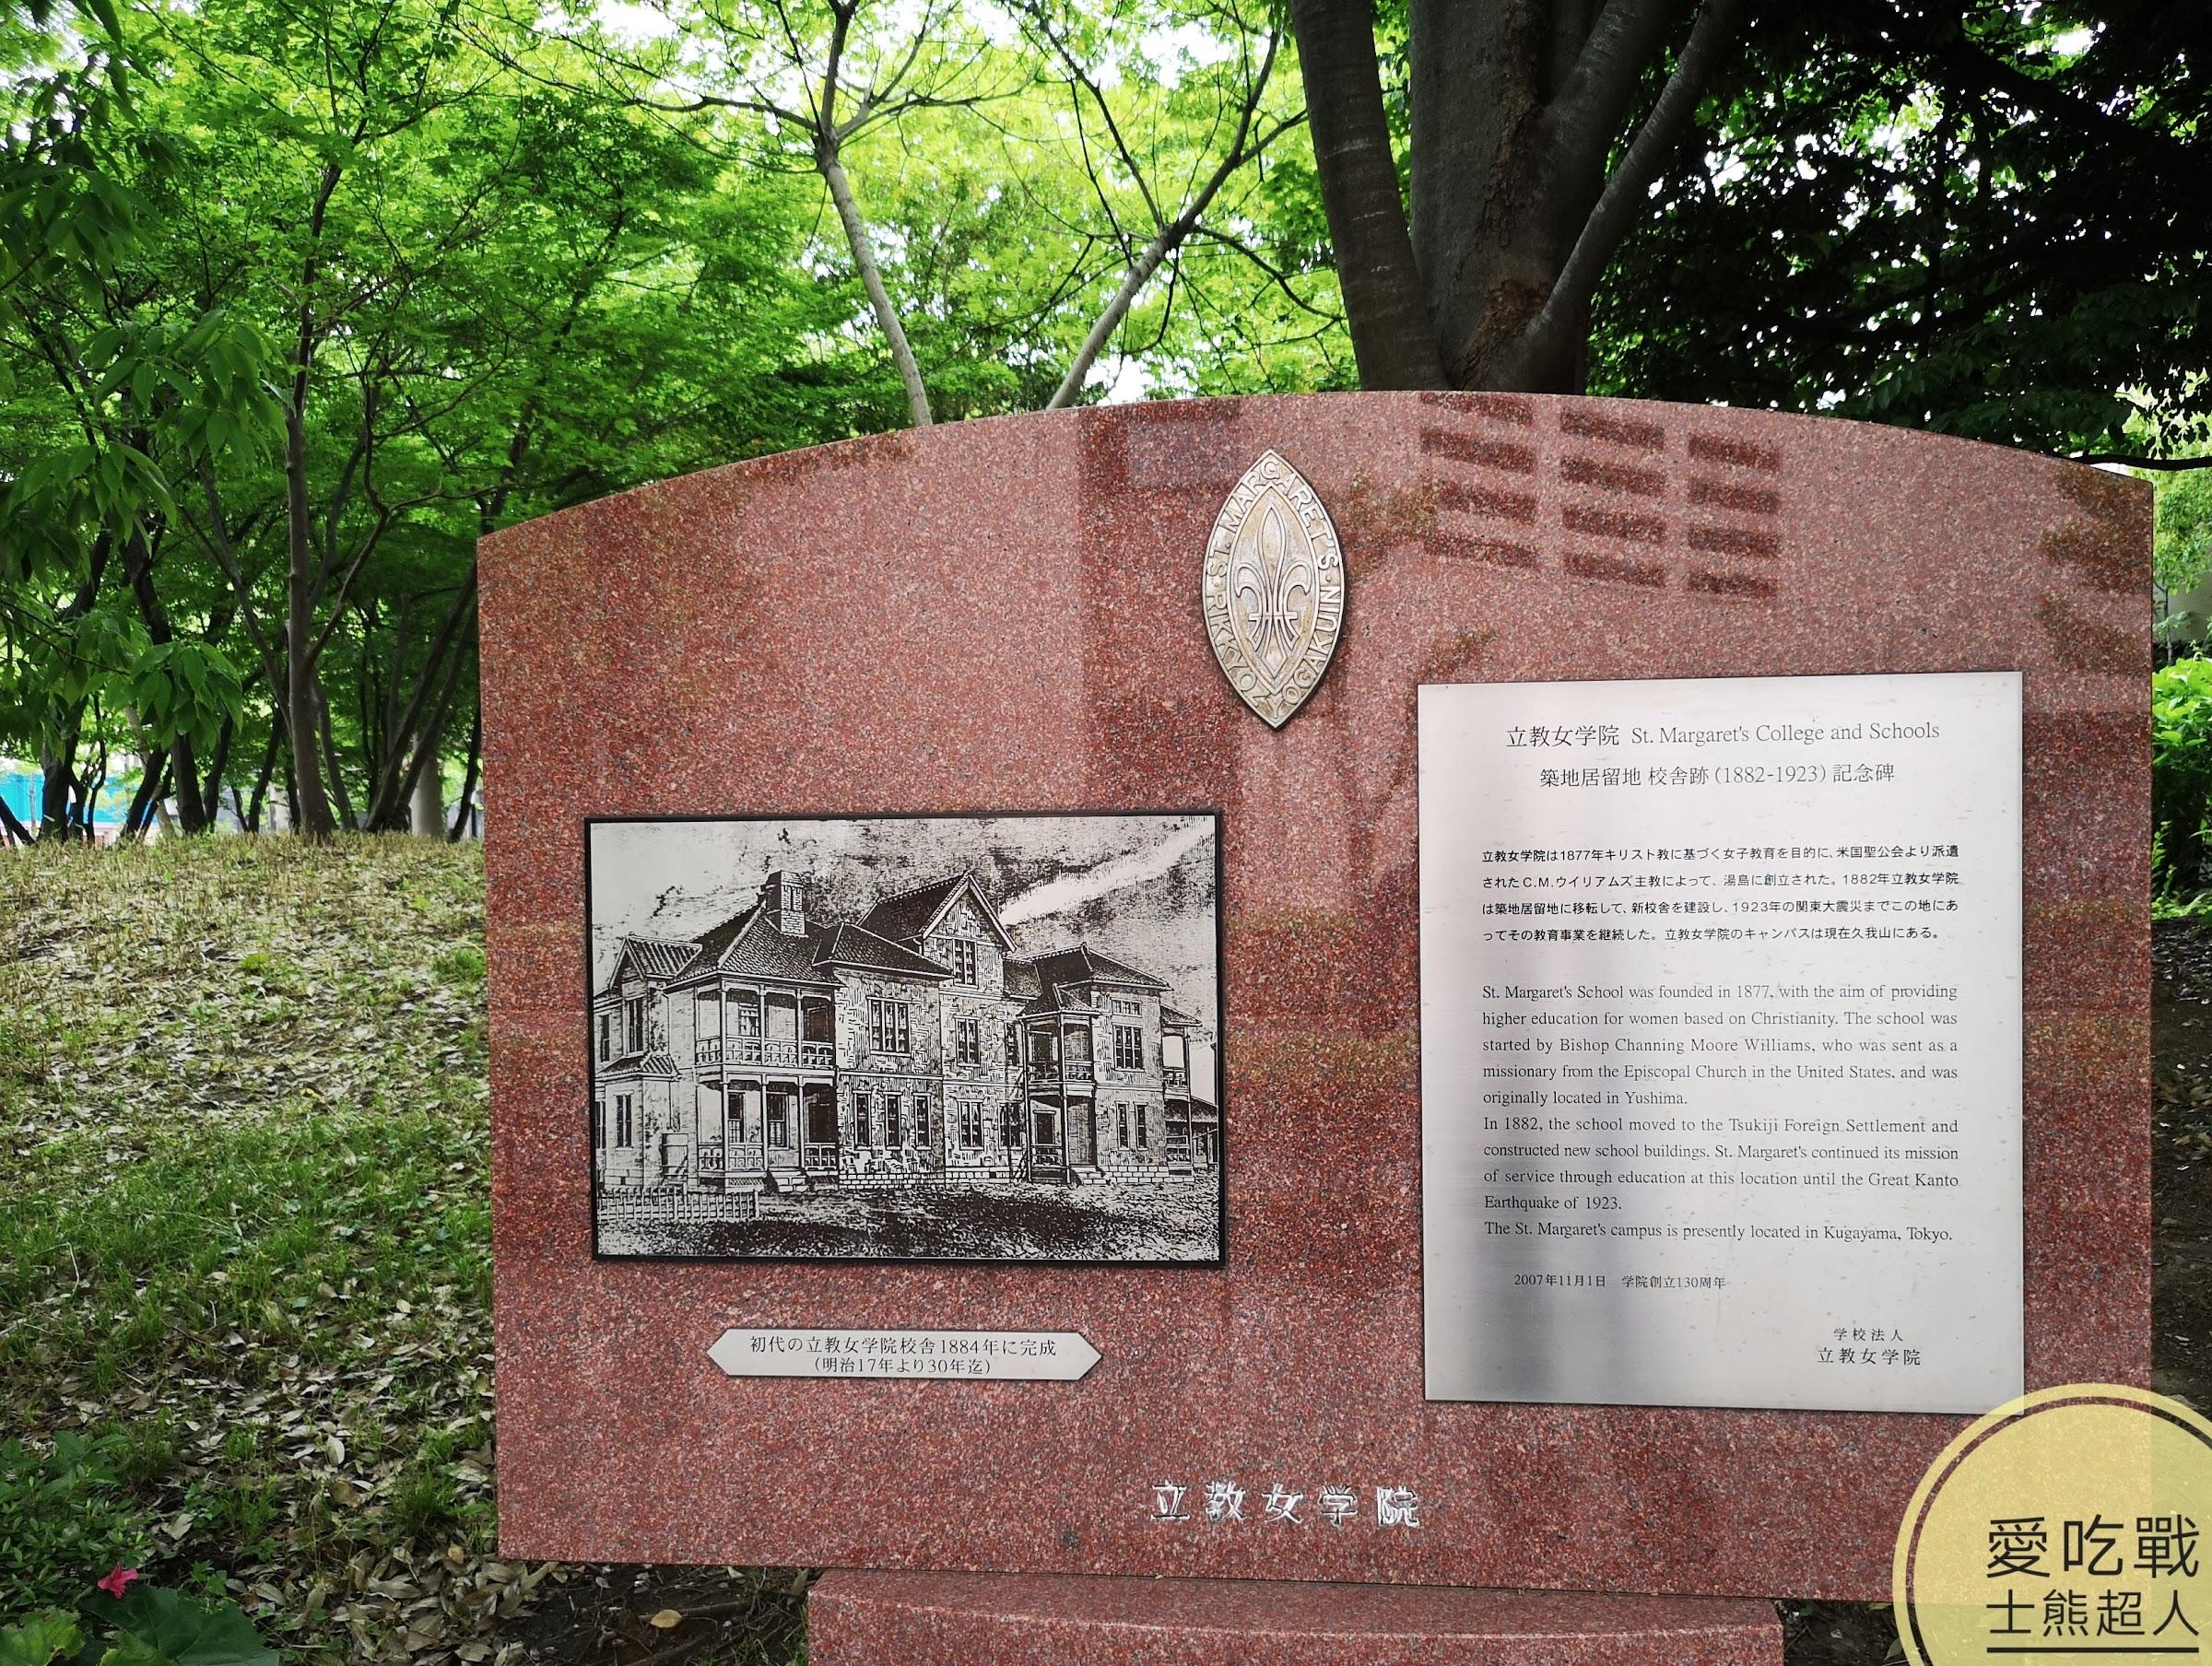 。東京 築地。聖路加大學散策,體驗築地外人居住地的生活圈:聖路加國際大學+煤氣燈